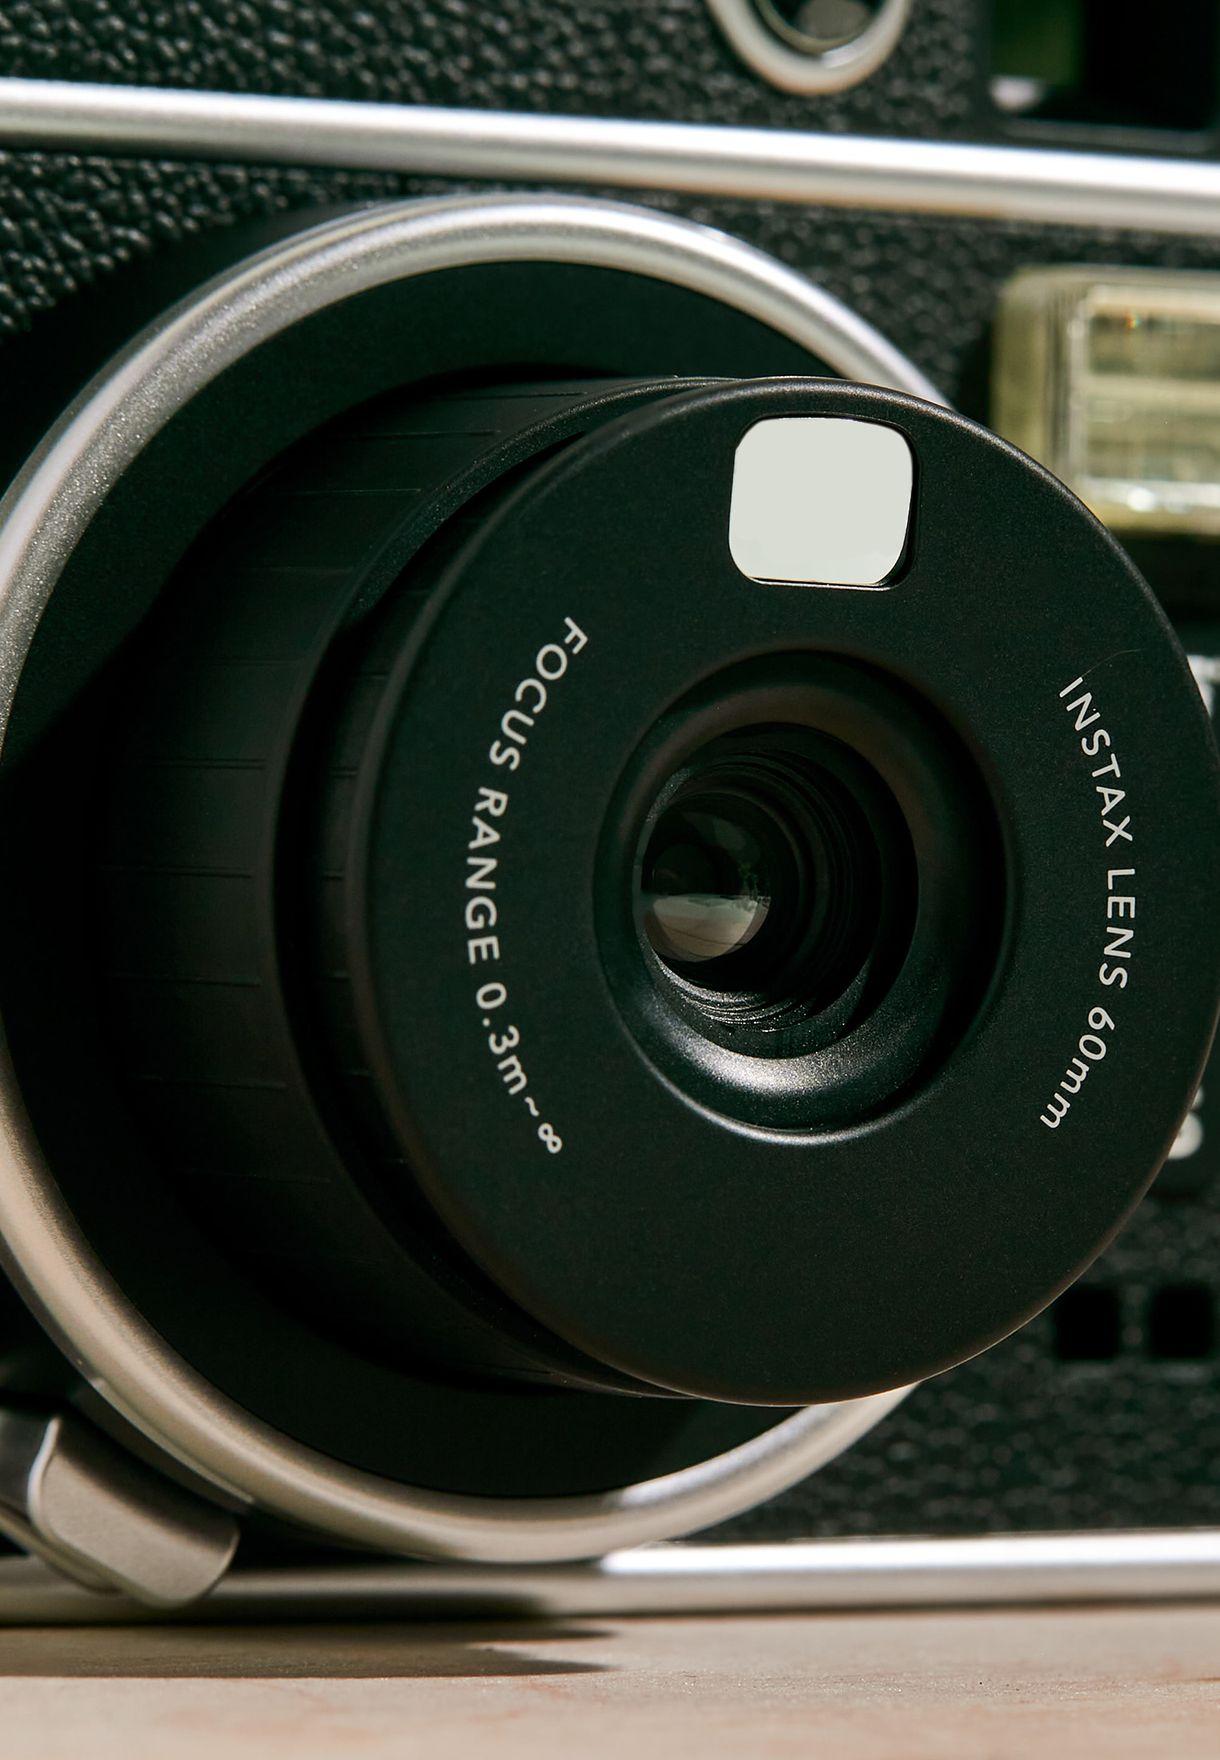 كاميرا انستاكس ميني 40